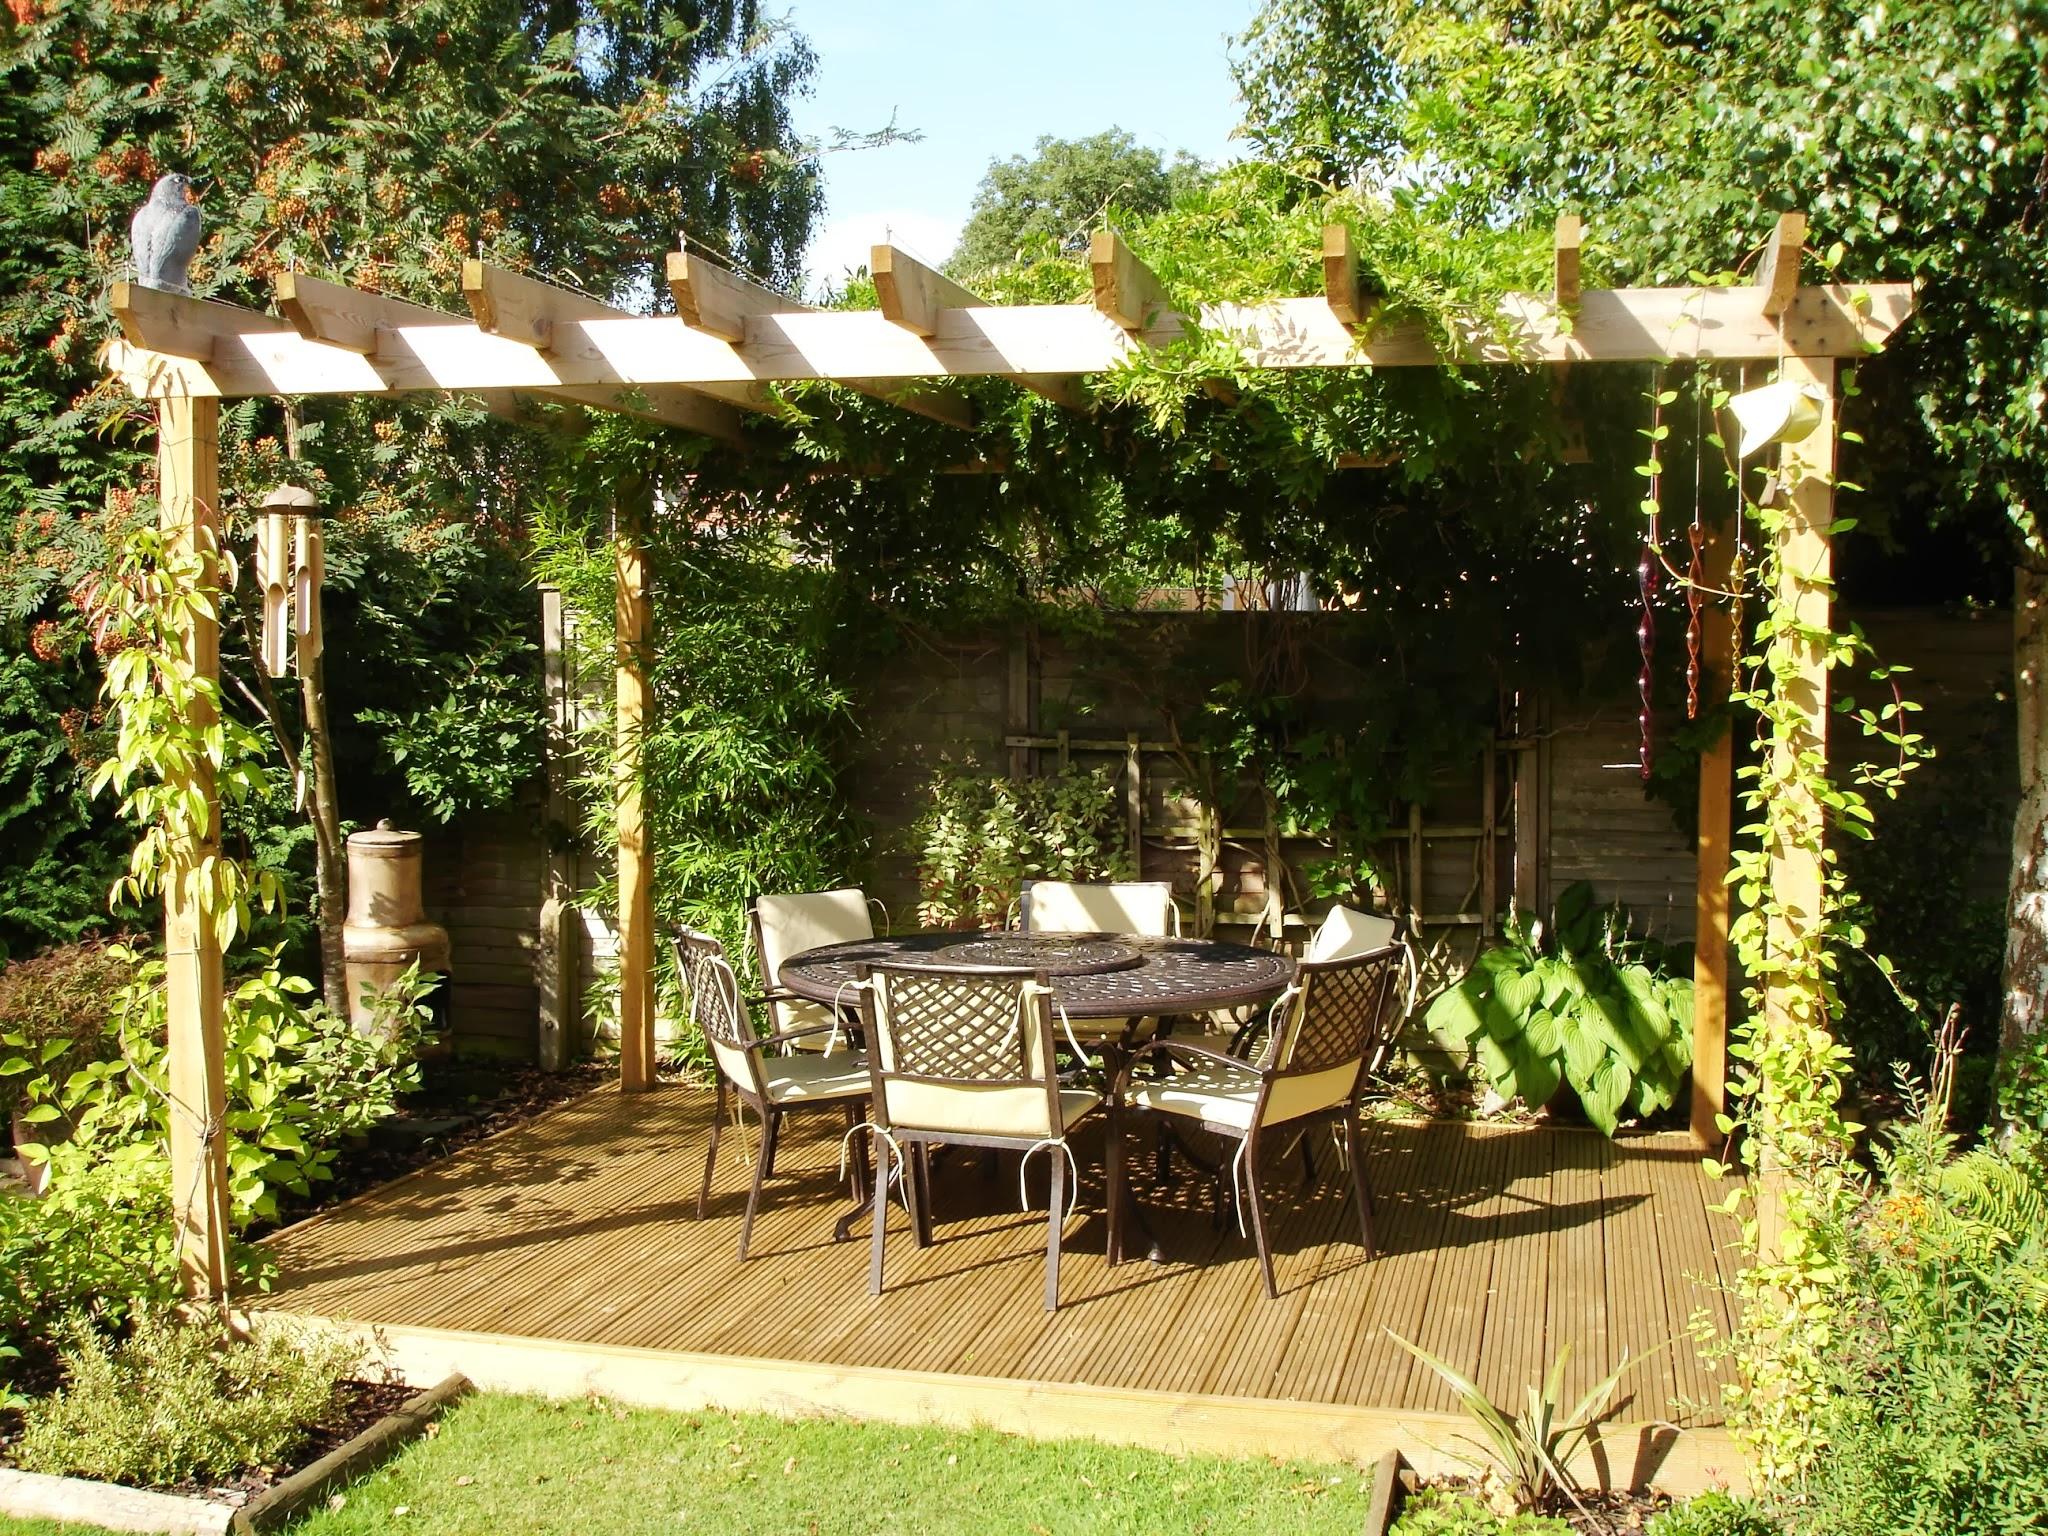 Le Printemps, La Saison Idéale Pour Réaménager Son Jardin concernant Decoration De Jardin En Fer Forgé